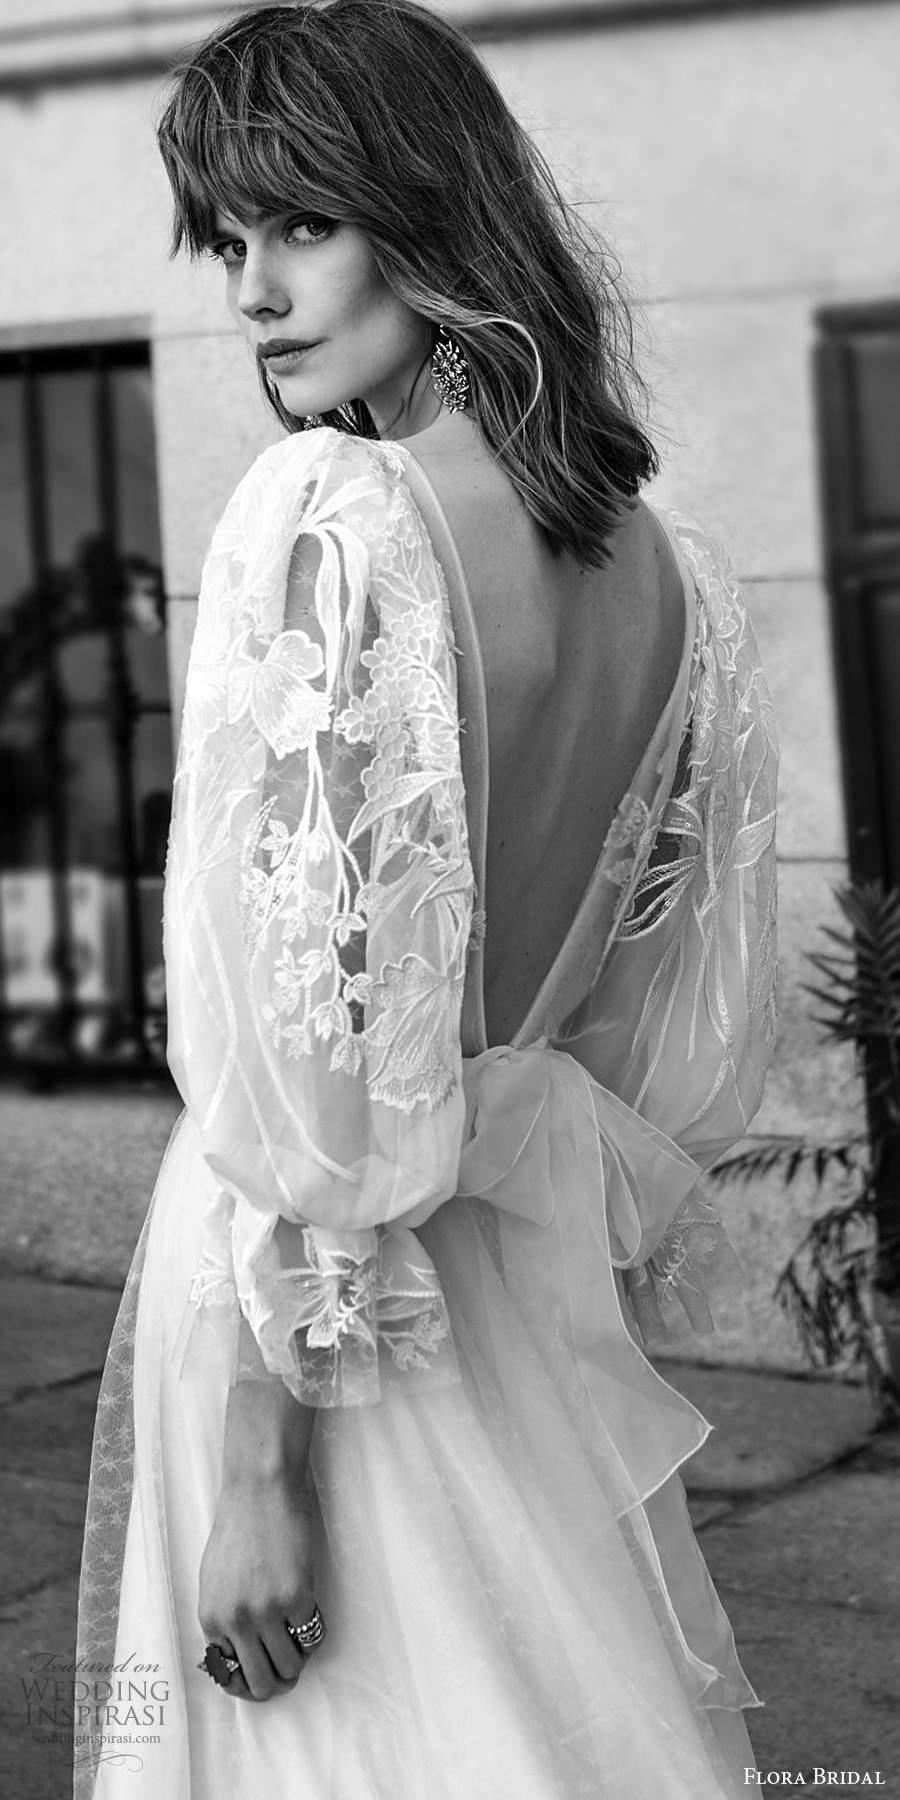 flora bridal 2020 bridal 3 quarter bishop sleeves plunging v neckline sheer embellished bodice a line boho chic wedding dress sweep train (3) zbv